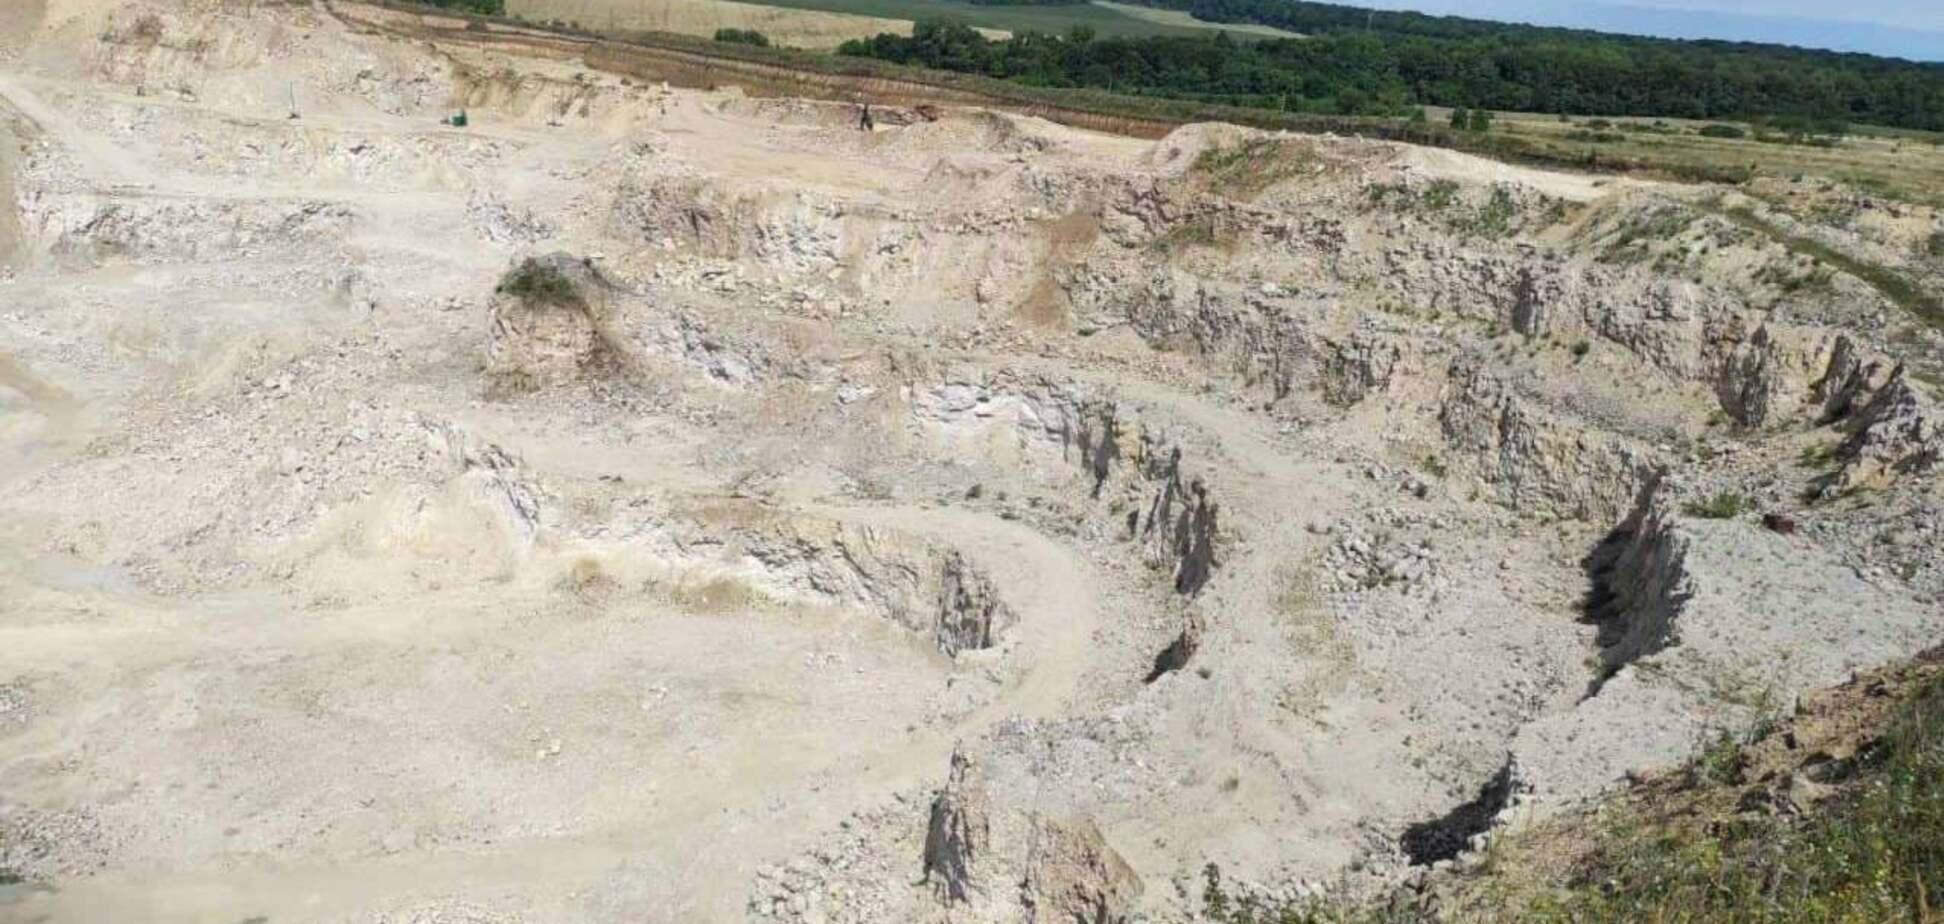 У Тернопільській області знищили унікальну пам'ятку, якій 5 мільйонів років. Фото